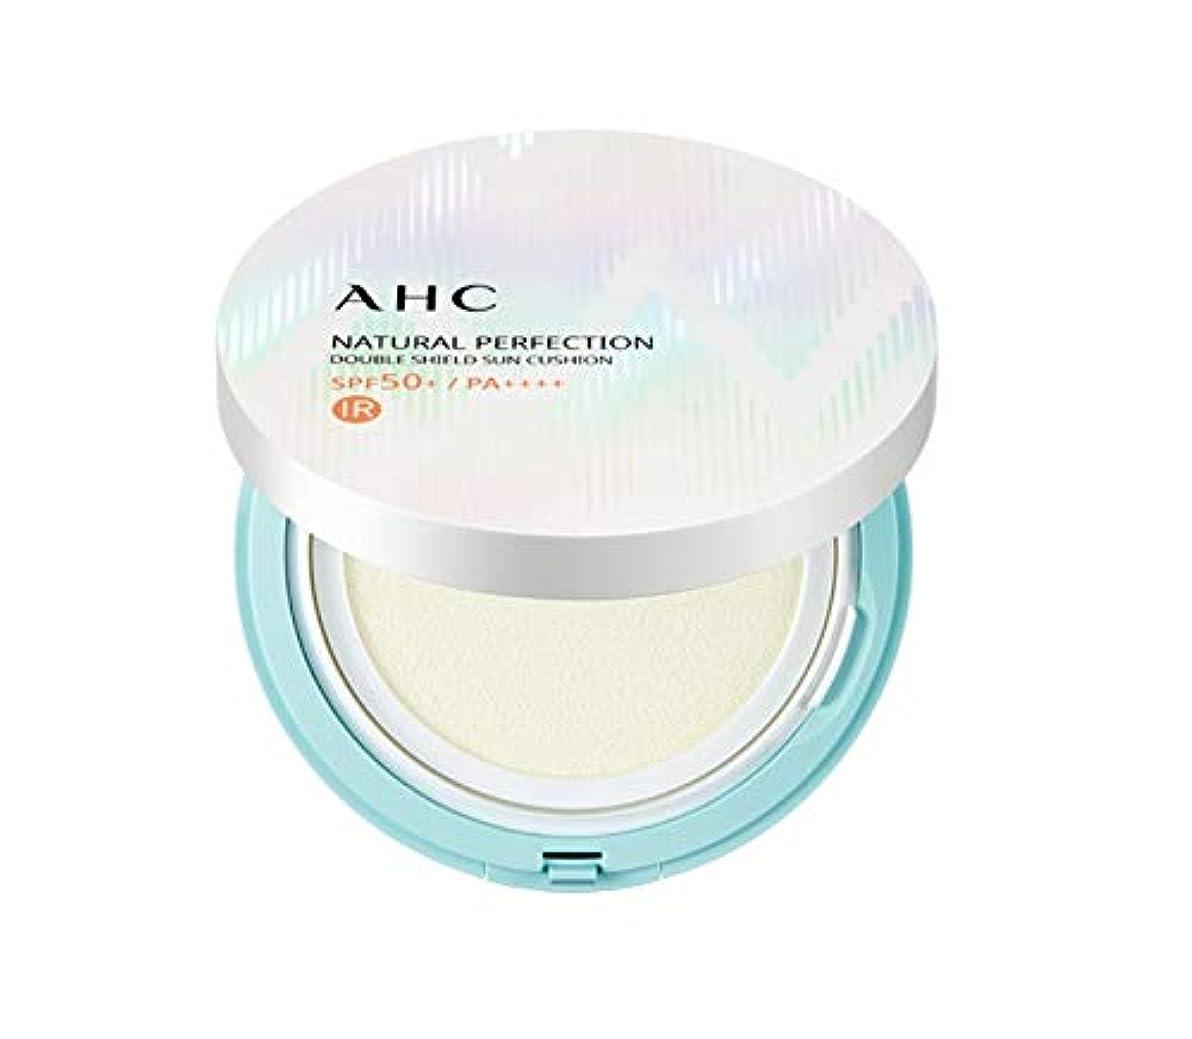 バースト休憩説明的AHC ナチュラルパーフェクションダブルシールド線クッション ホワイト 25g / AHC NATURAL PERFECTION DOUBLE SHIELD SUN CUSHION WHITE [並行輸入品]